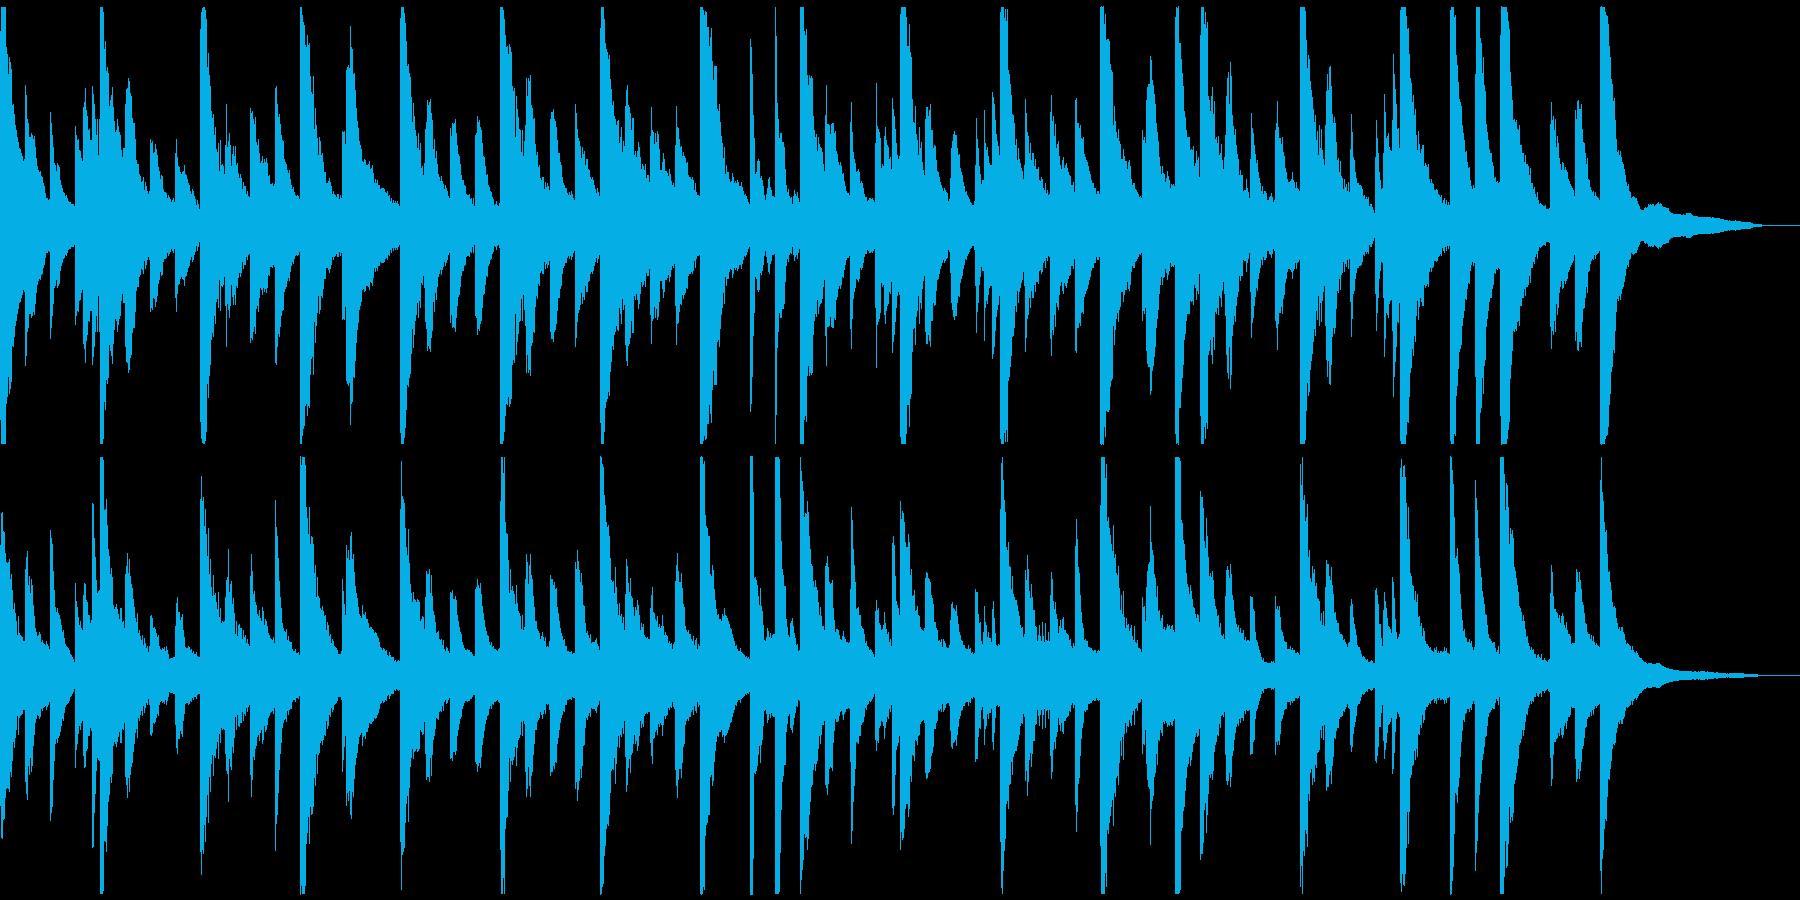 少し憂鬱な気分のピアノ曲の再生済みの波形